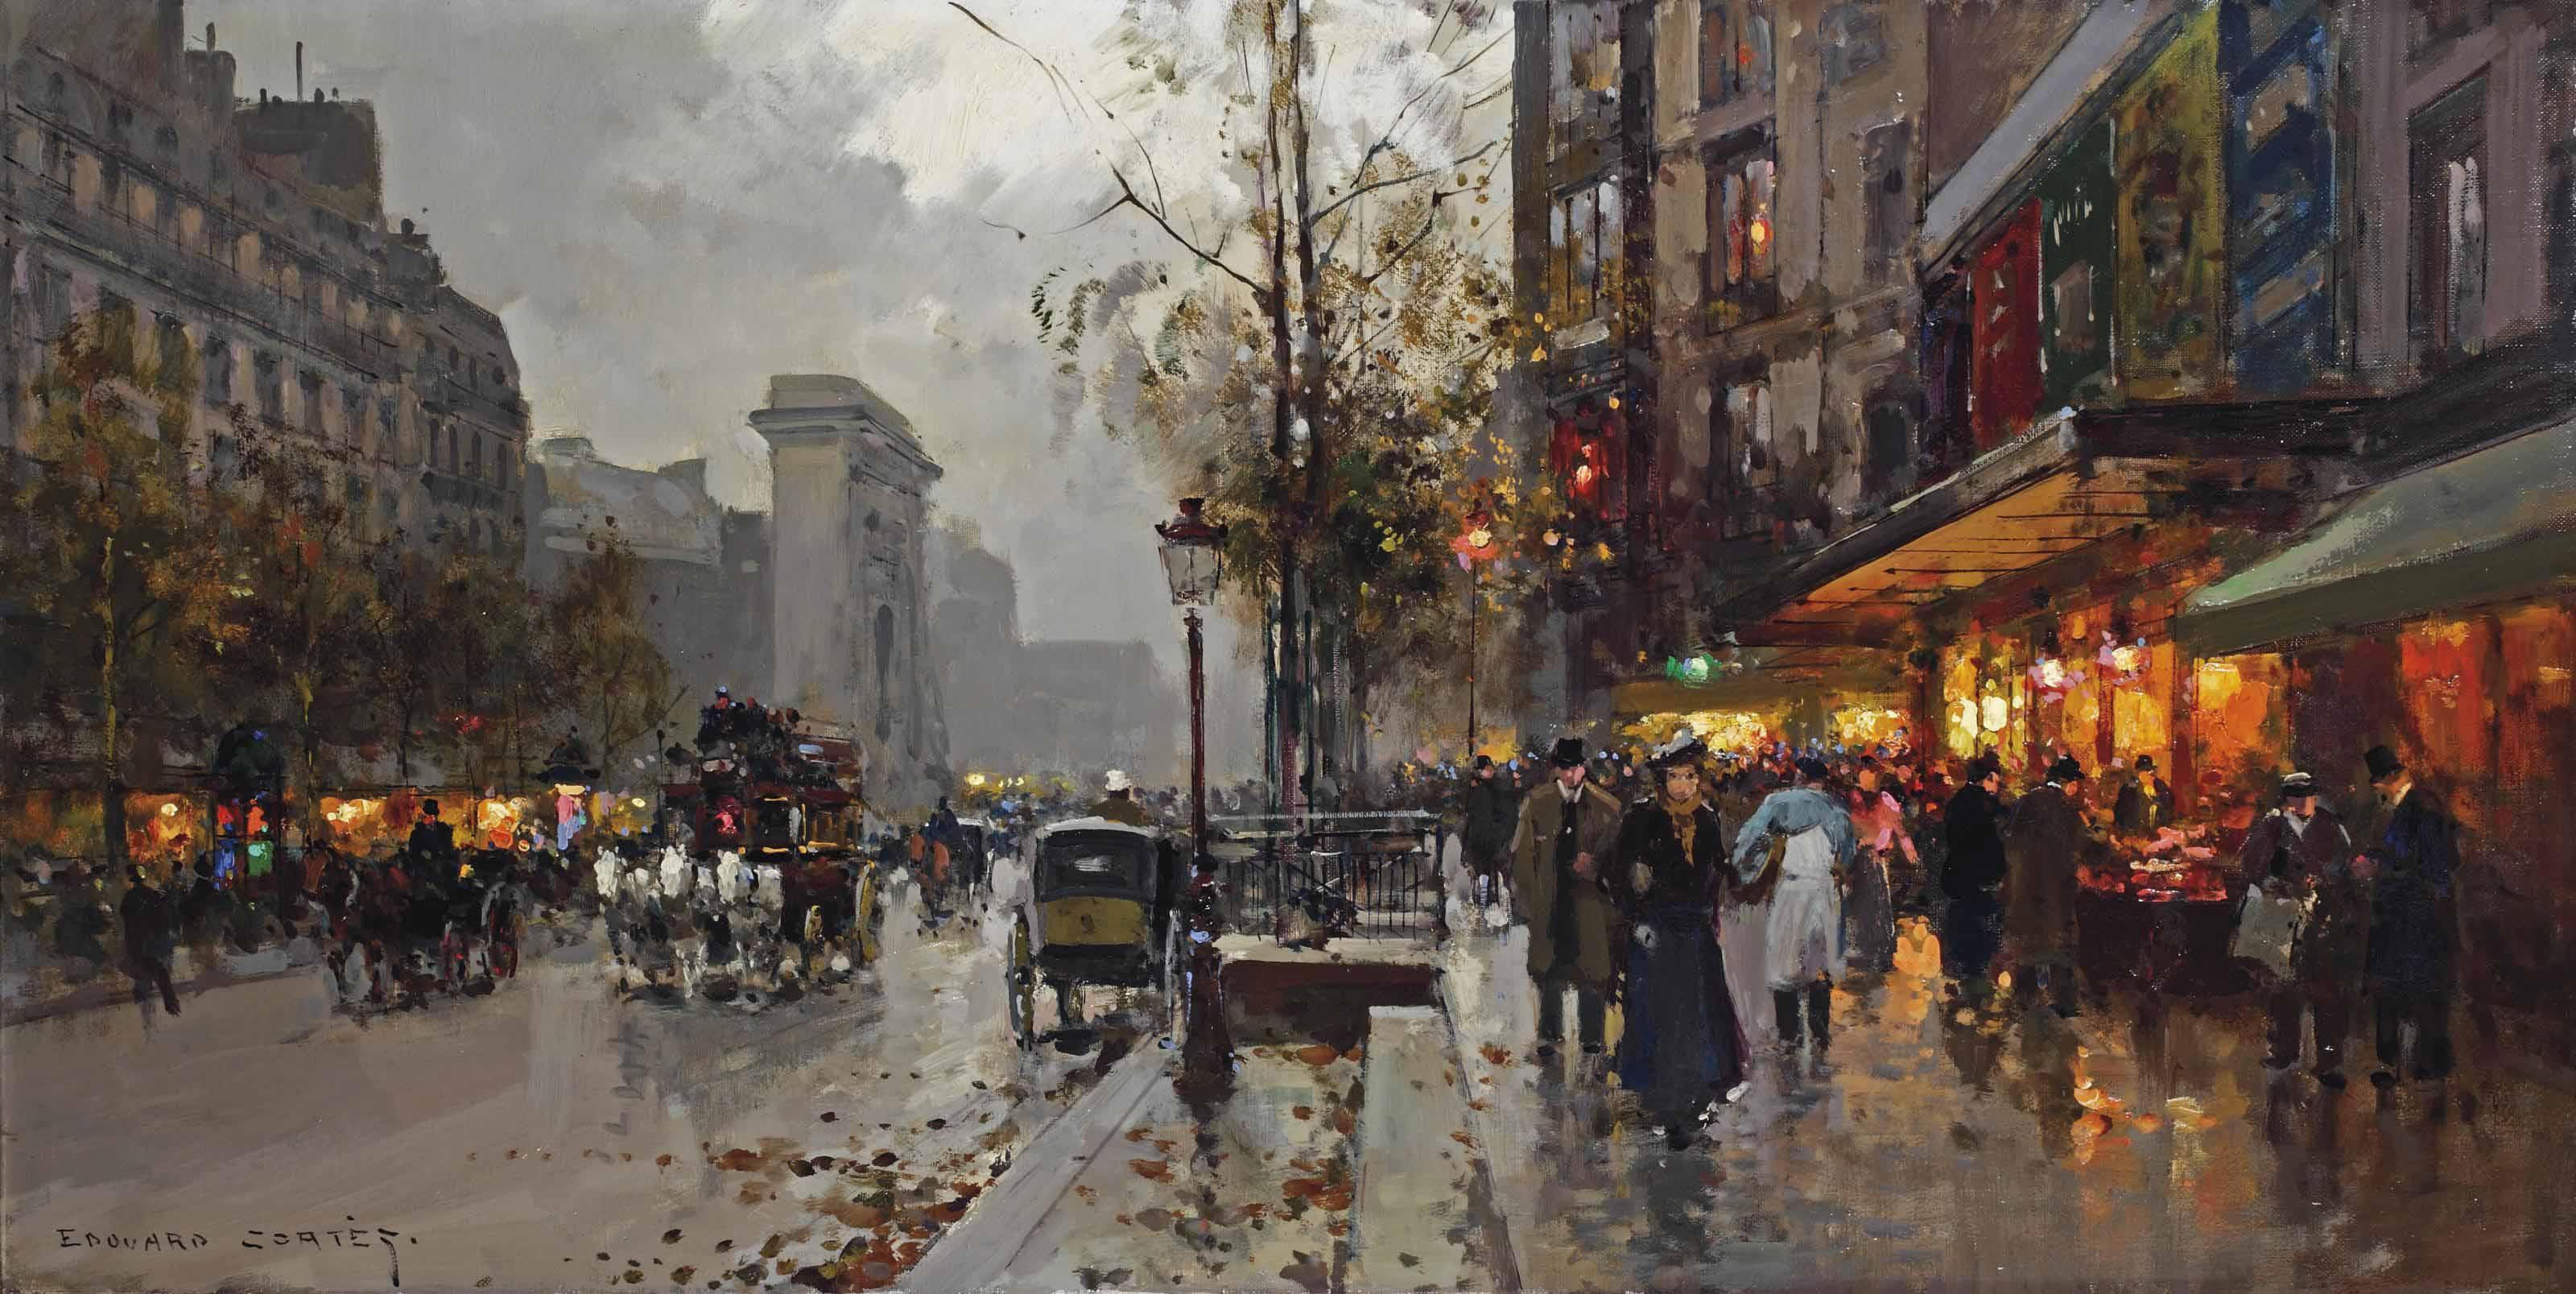 Boulevard de Bonne-Nouvelle with Porte Saint-Denis, Paris